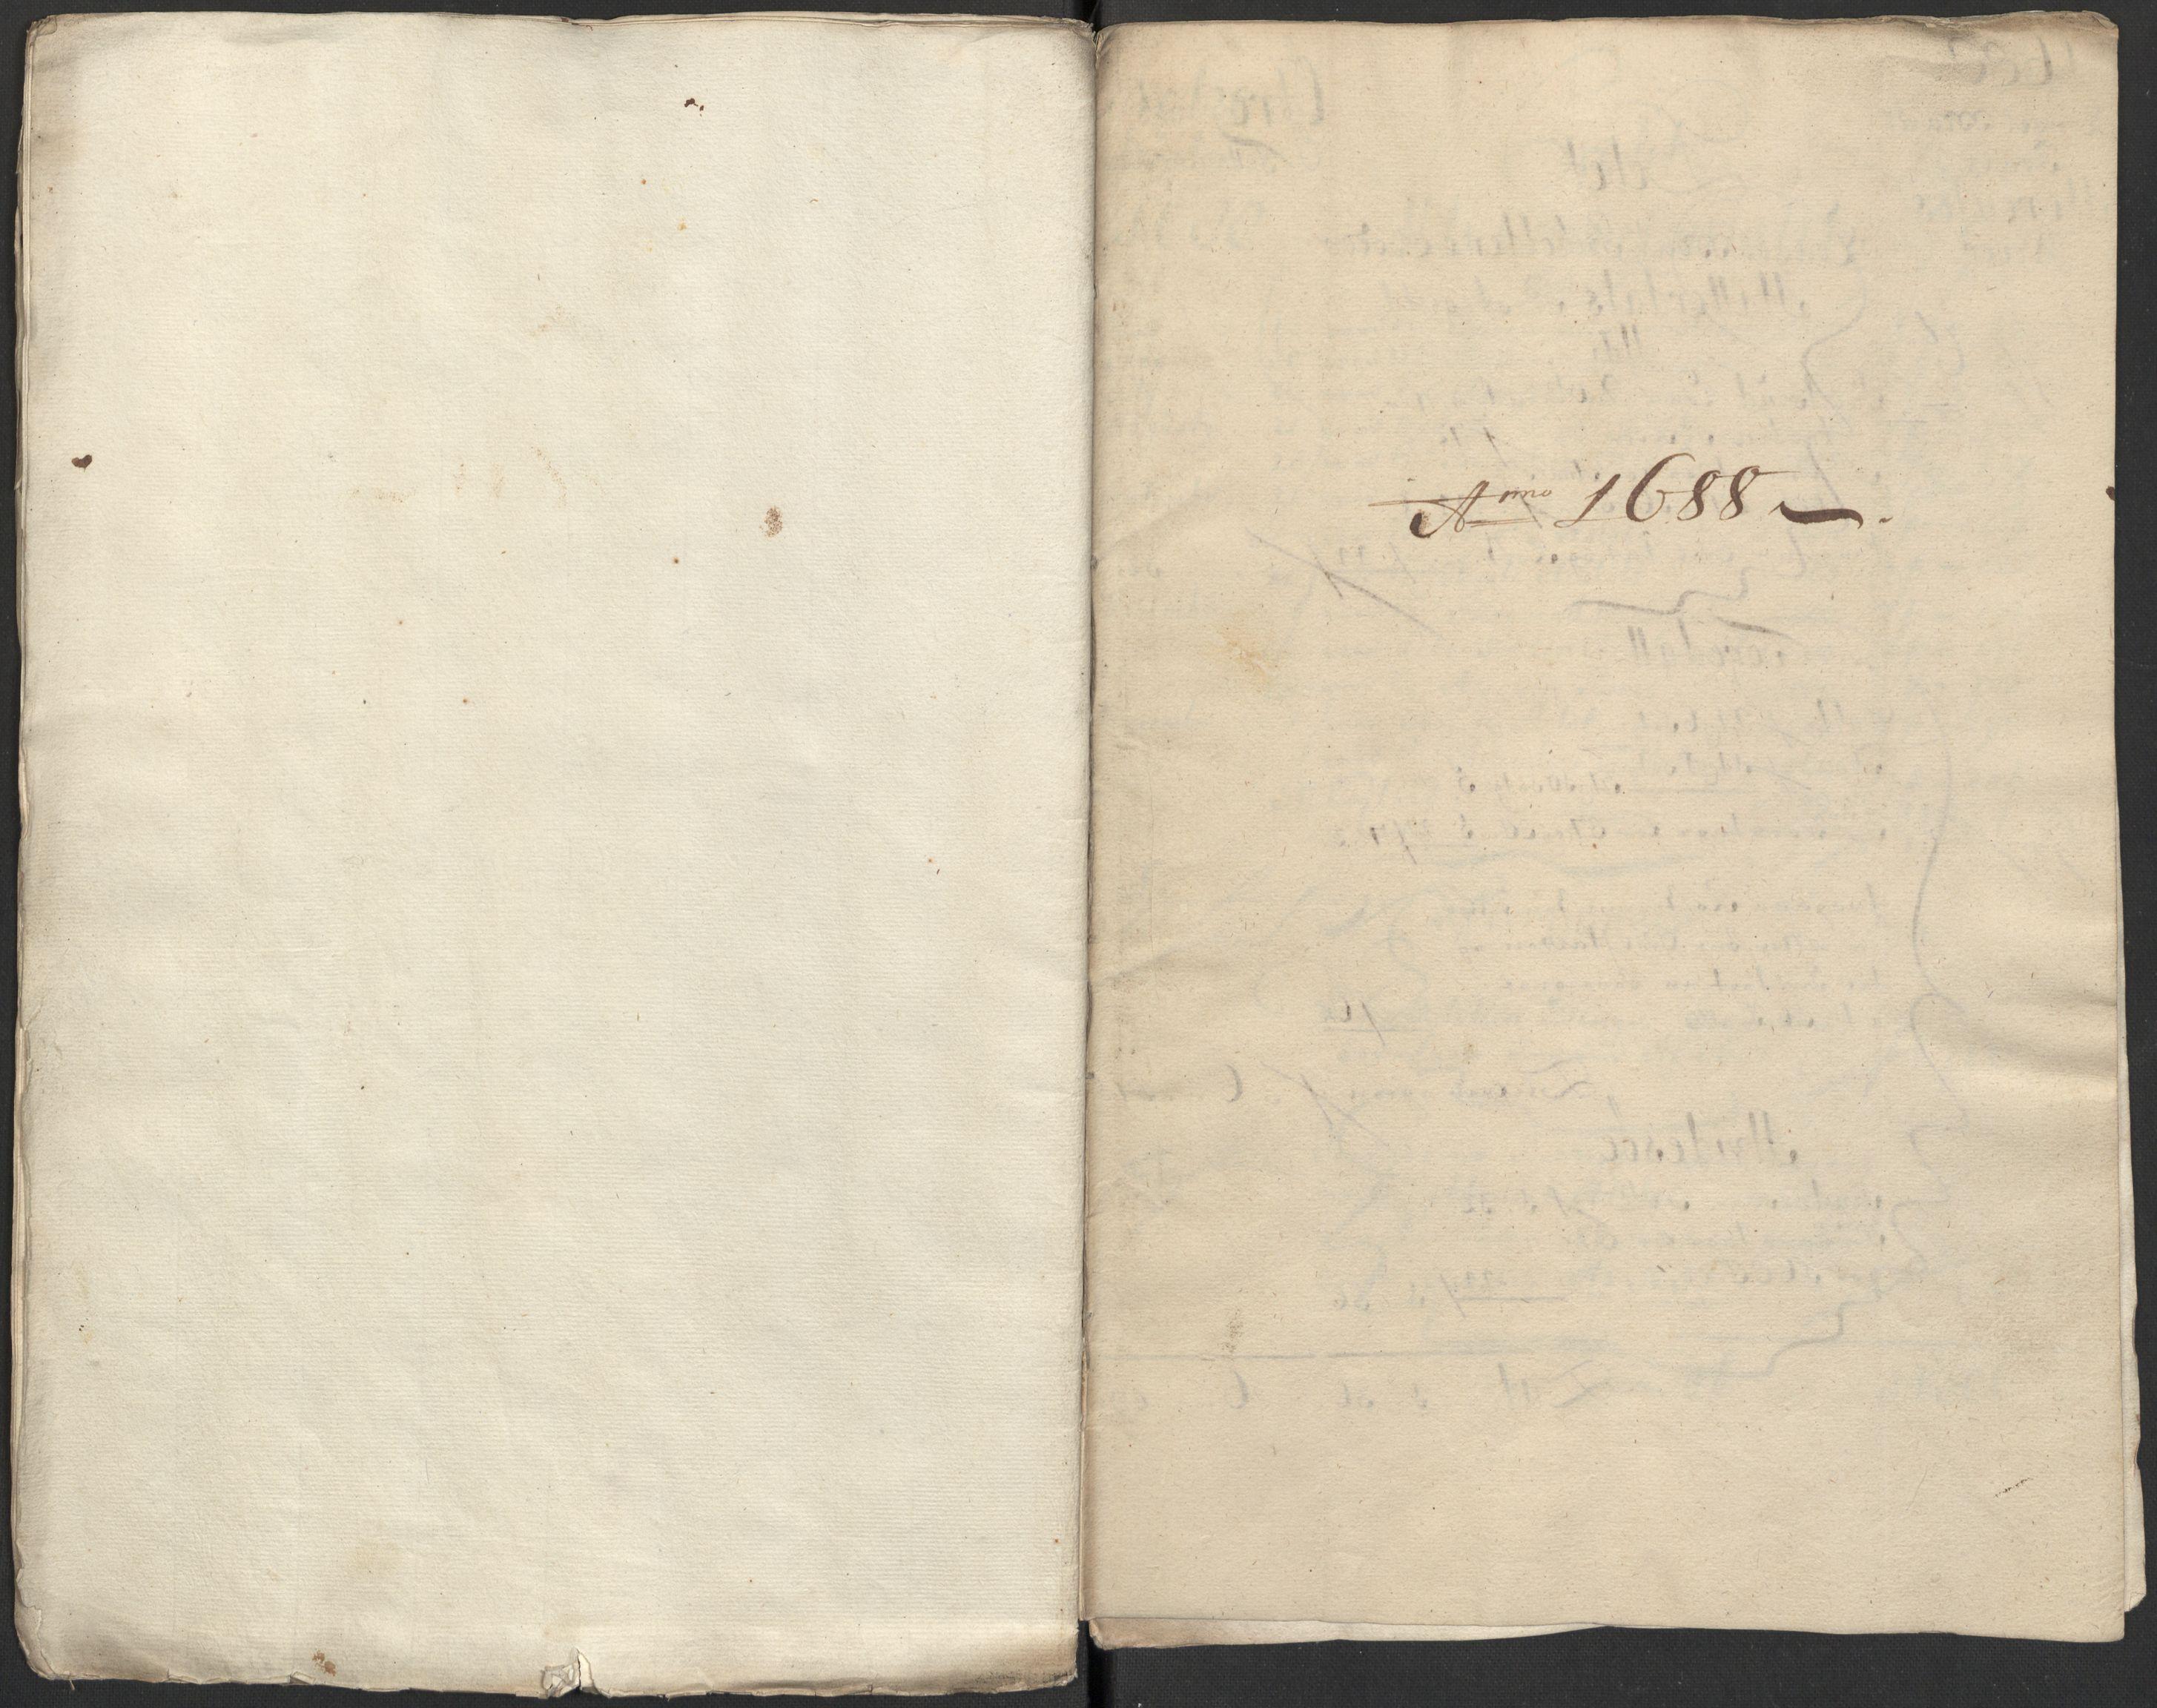 RA, Rentekammeret inntil 1814, Reviderte regnskaper, Fogderegnskap, R35/L2086: Fogderegnskap Øvre og Nedre Telemark, 1687-1689, s. 11